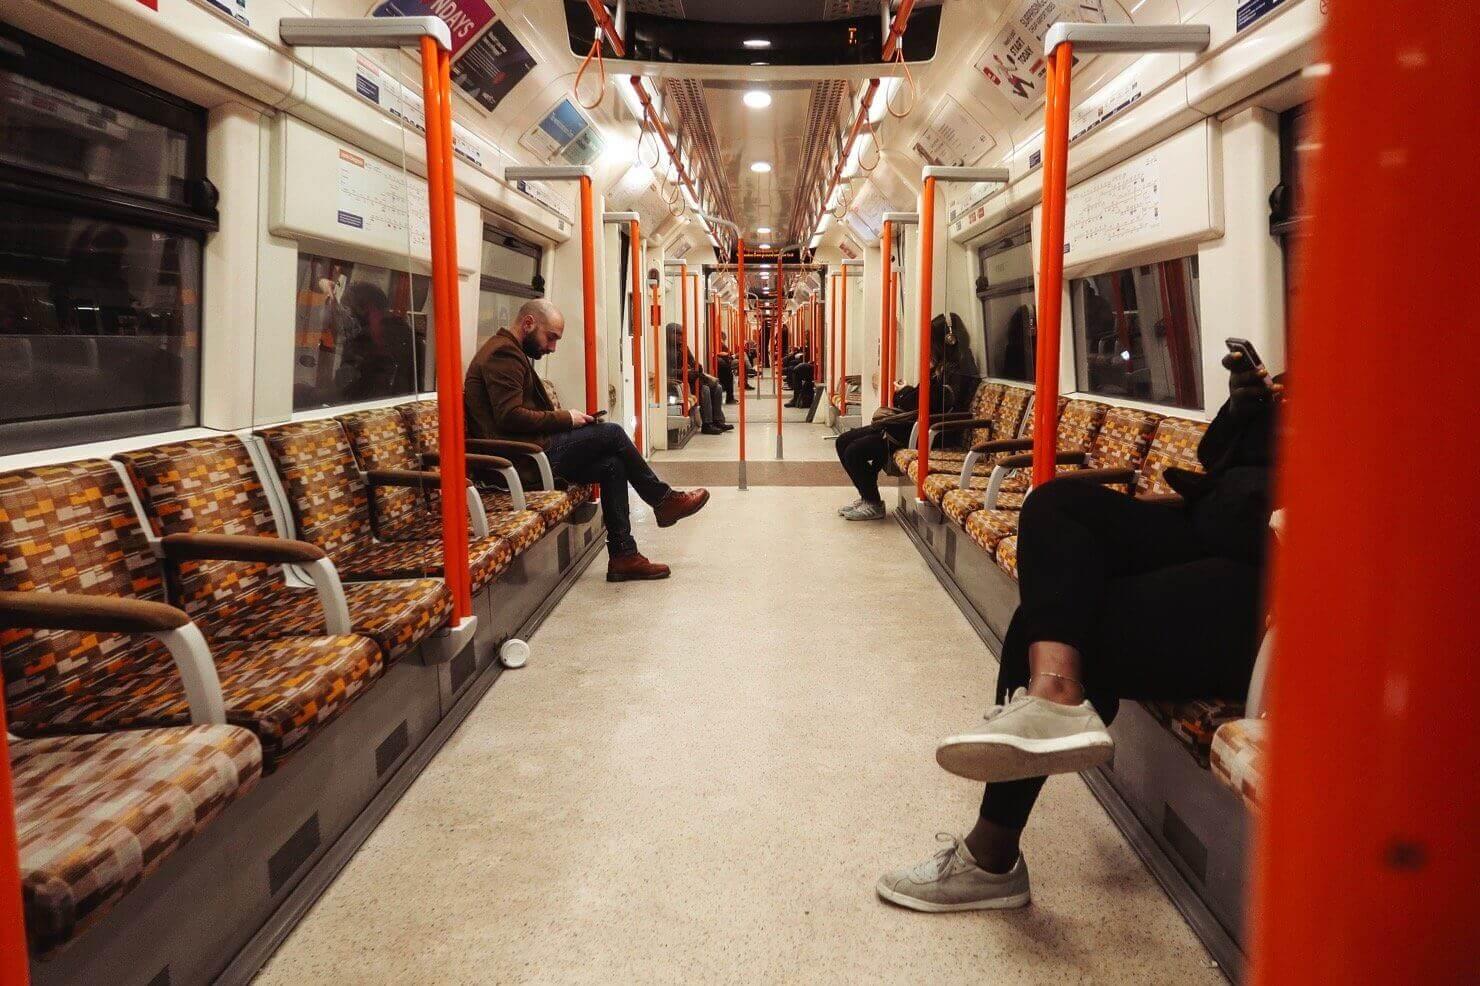 2016年にはじまった、金曜日と土曜日における地下鉄の24時間運行。今では6路線にまで拡大した(ロンドンは全12路線)。写真のOverground線はKingsland Roadを含めてクラブやライブ会場が多い地域を通るため、ナイトライフを楽しむ人たちに重宝されている。